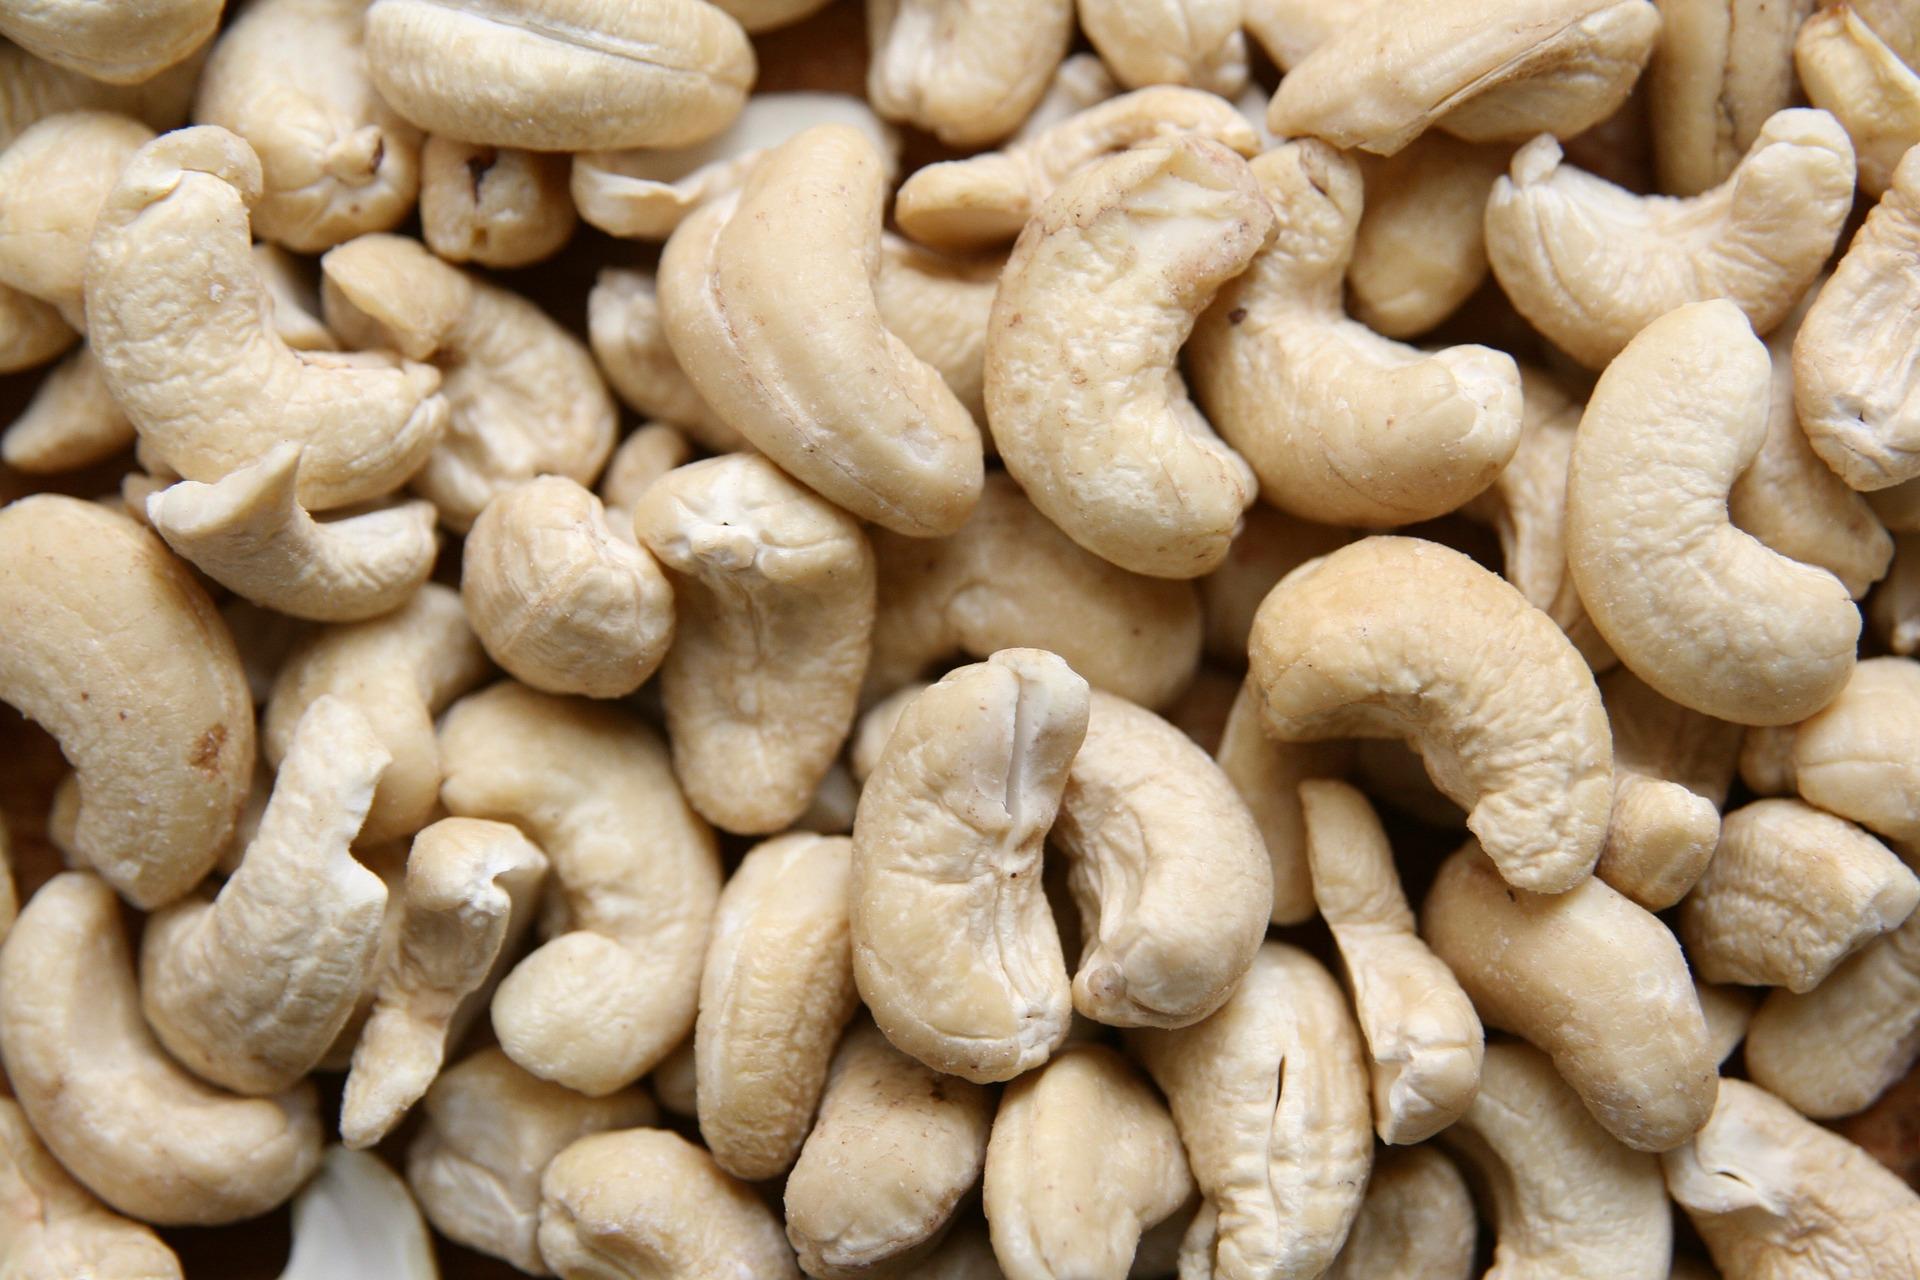 Raw cashew nuts without skin W240